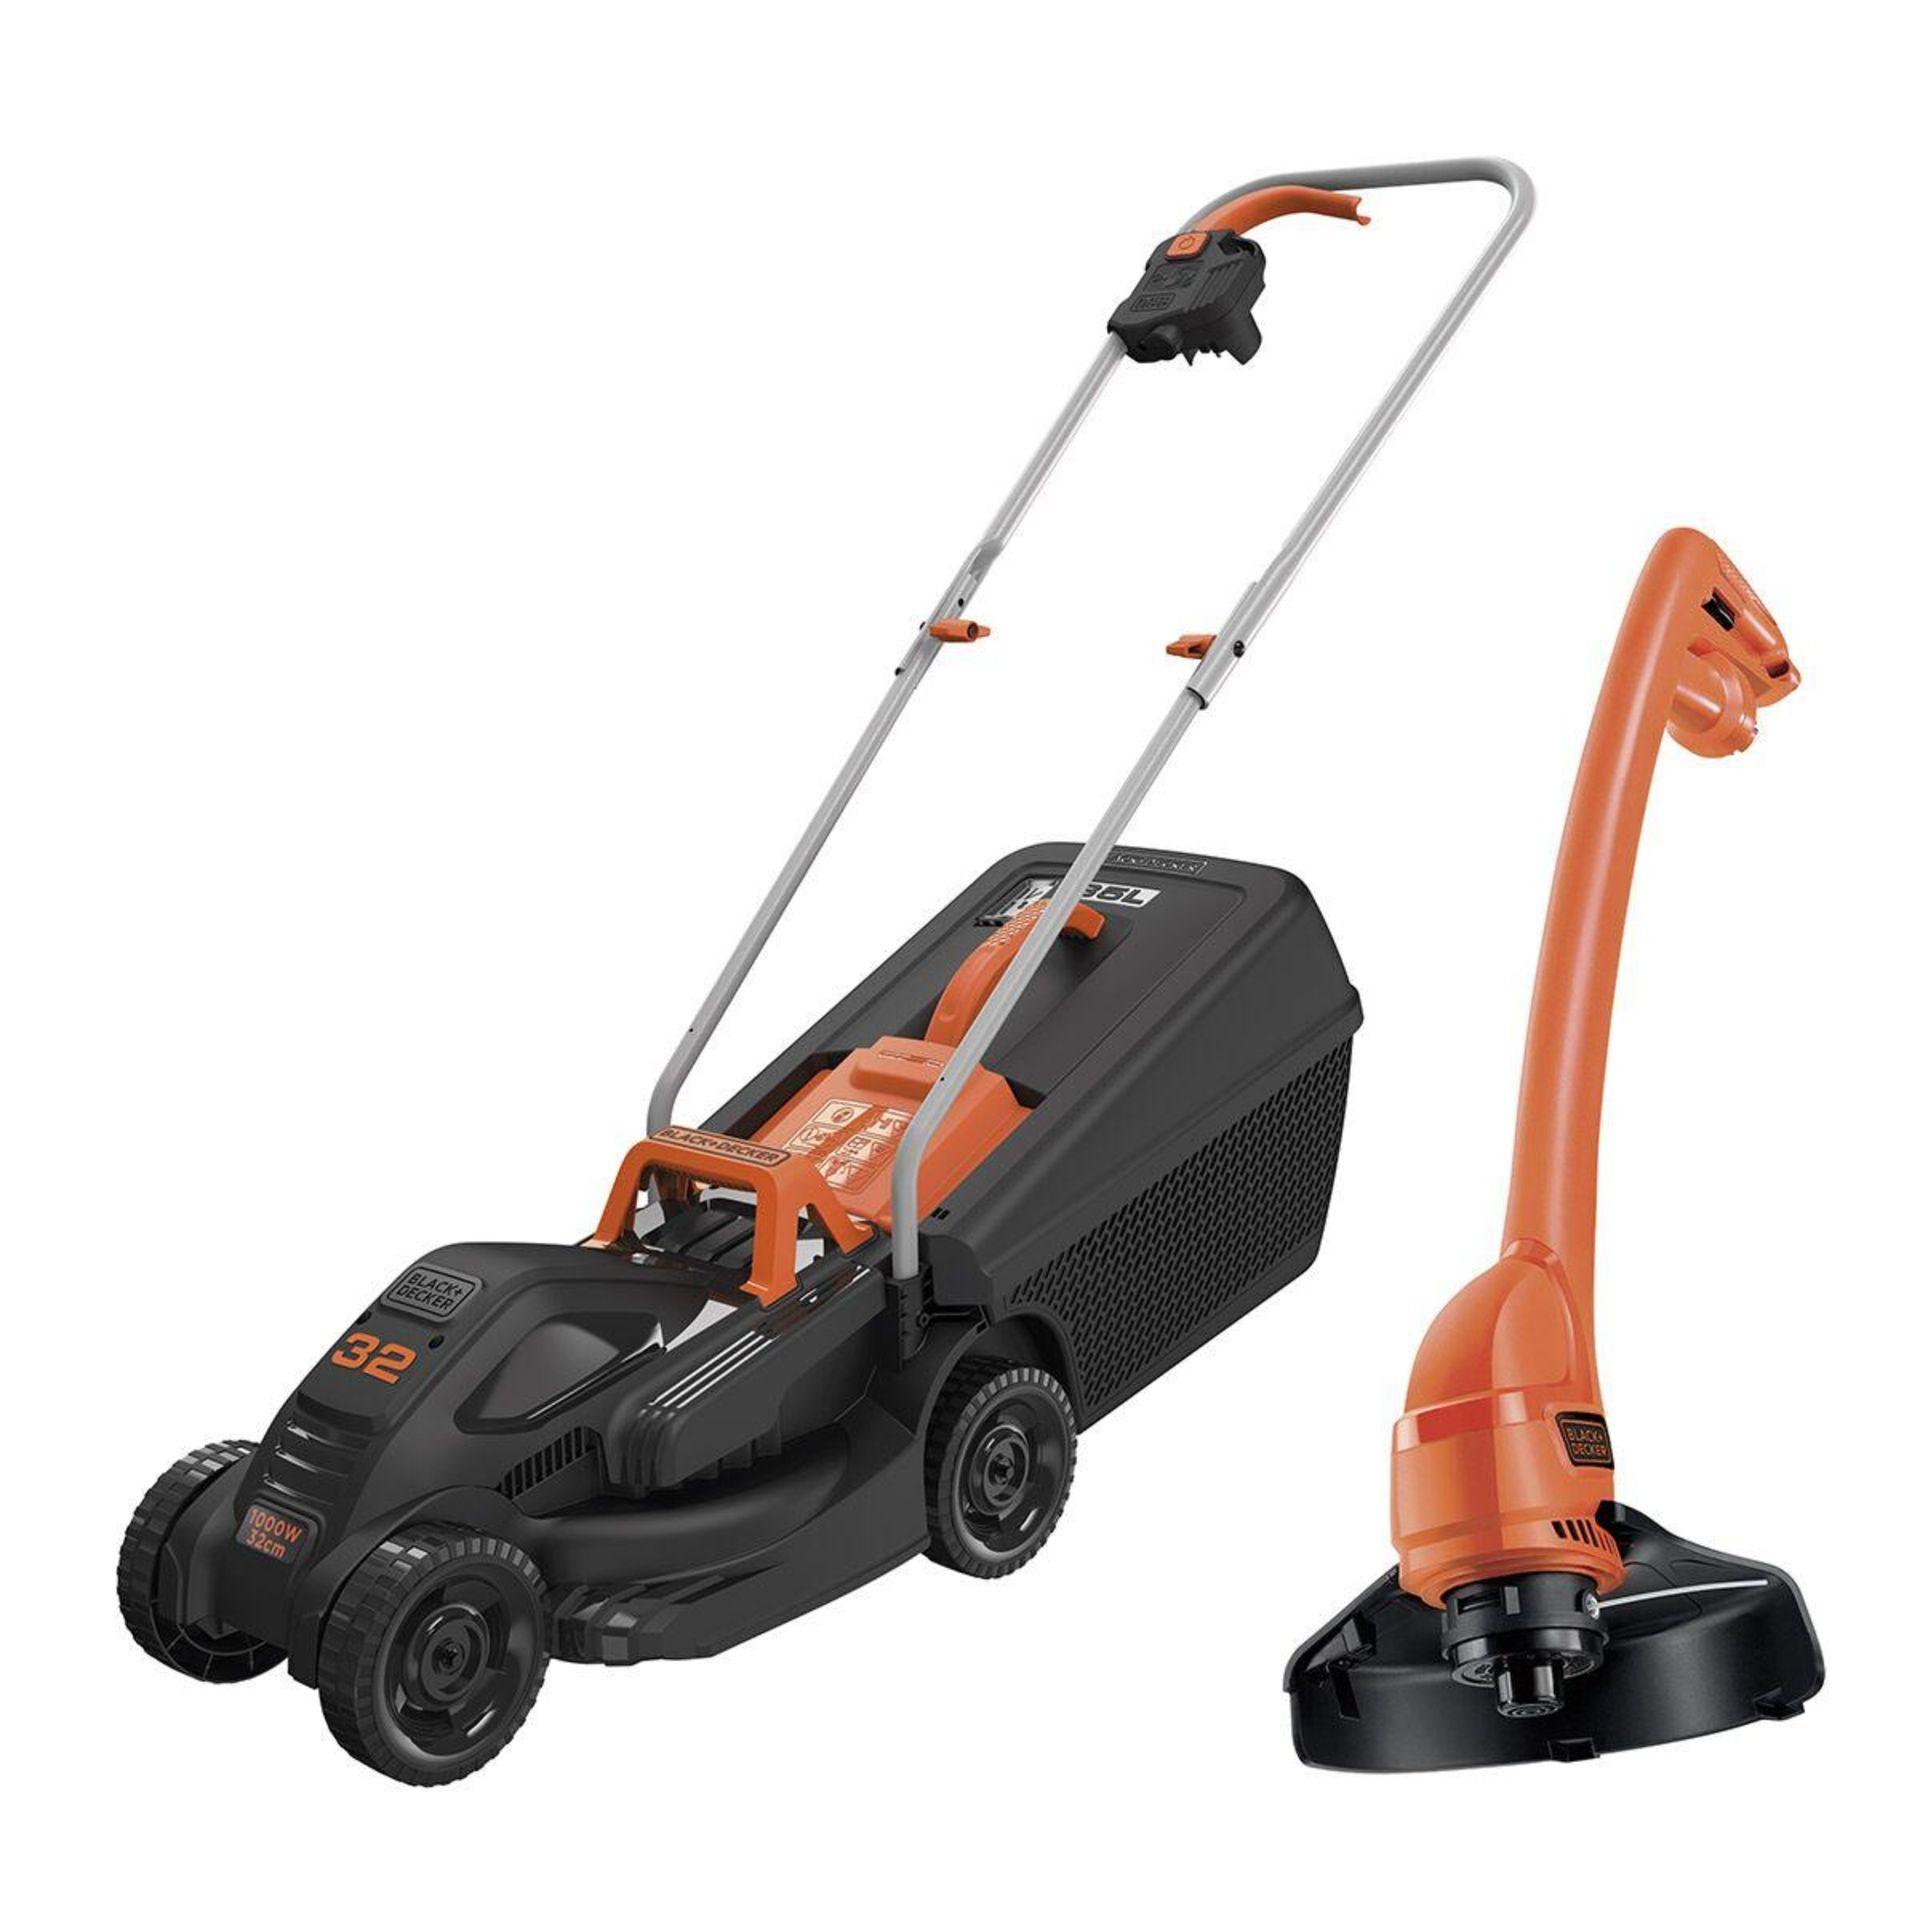 (P2) 1x Black & Decker 32cm 1000W Corded Lawn Mower & Strimmer RRP £99. Contents Appear Clean, Unu